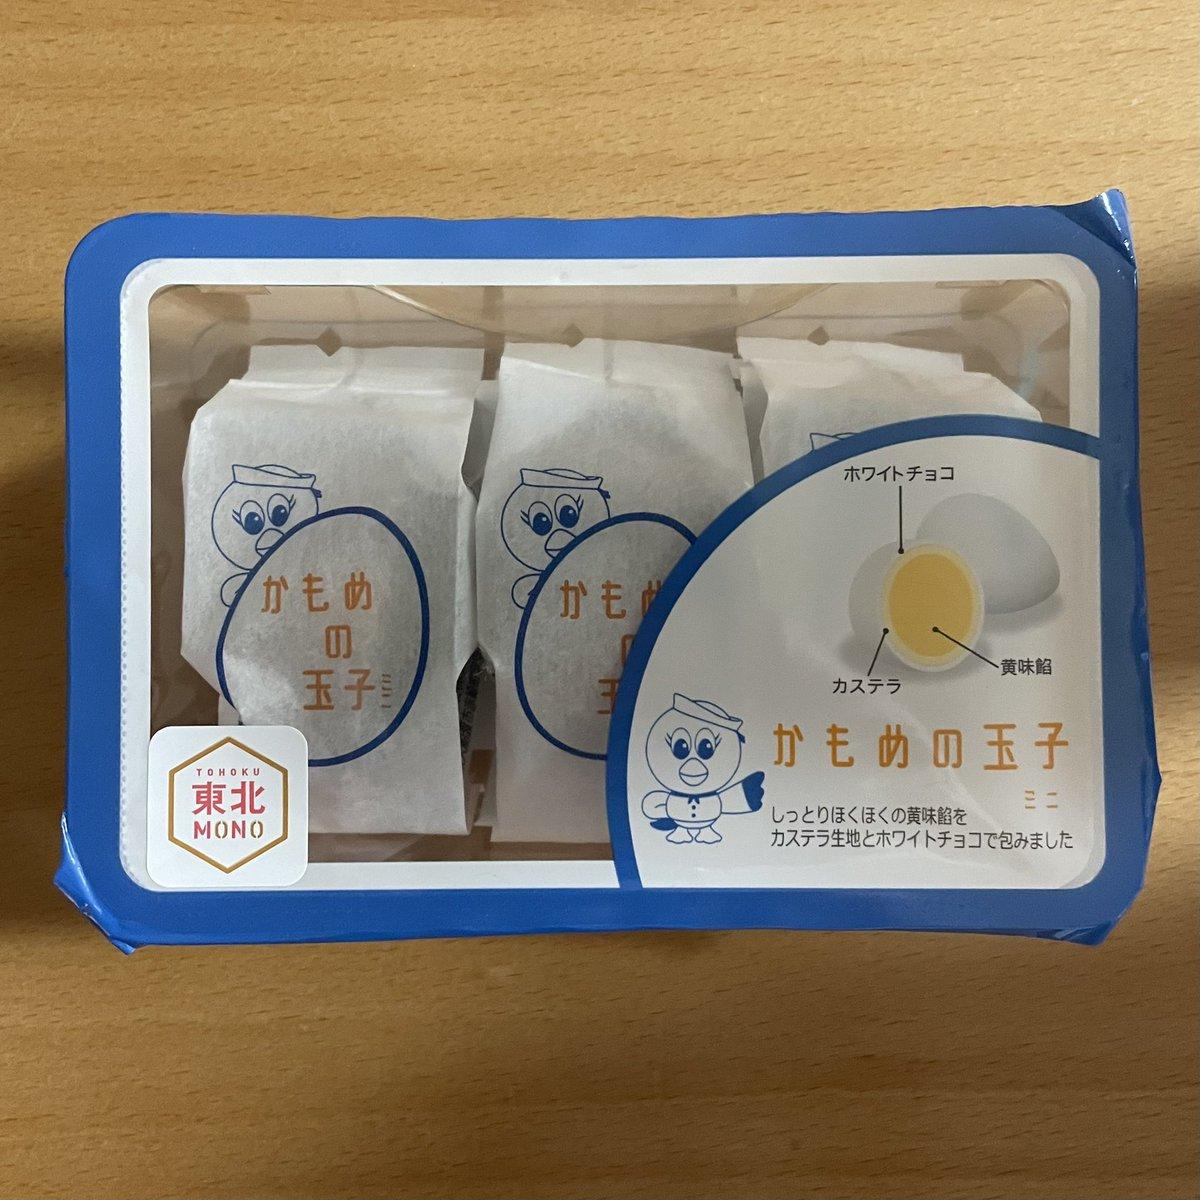 test ツイッターメディア - 浜松駅のキヨスクでかもめの玉子が買えた!! https://t.co/yQO2P6Pqzx